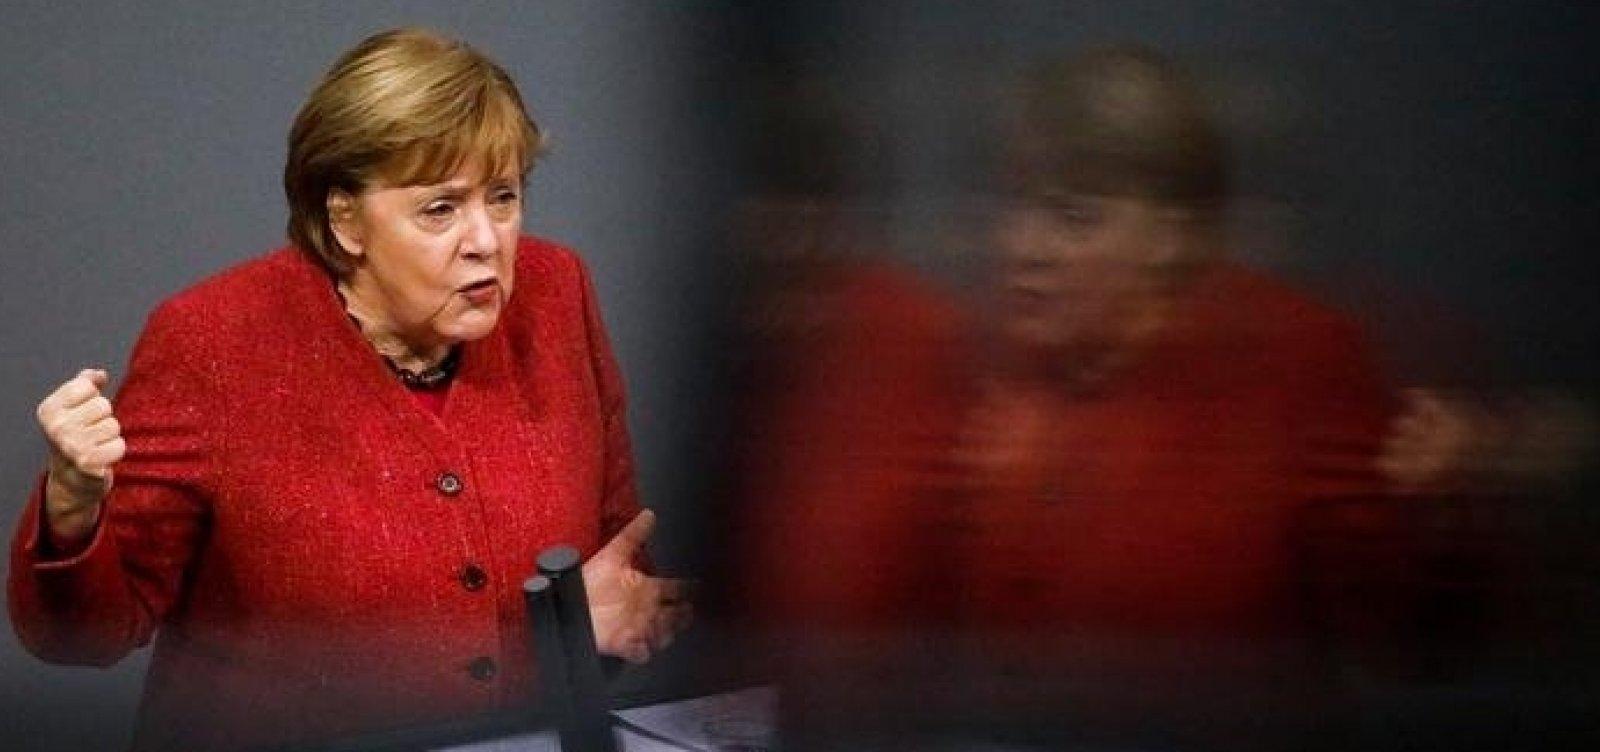 Segunda onda na Europa: Alemanha determina fechamento de comércios e escolas